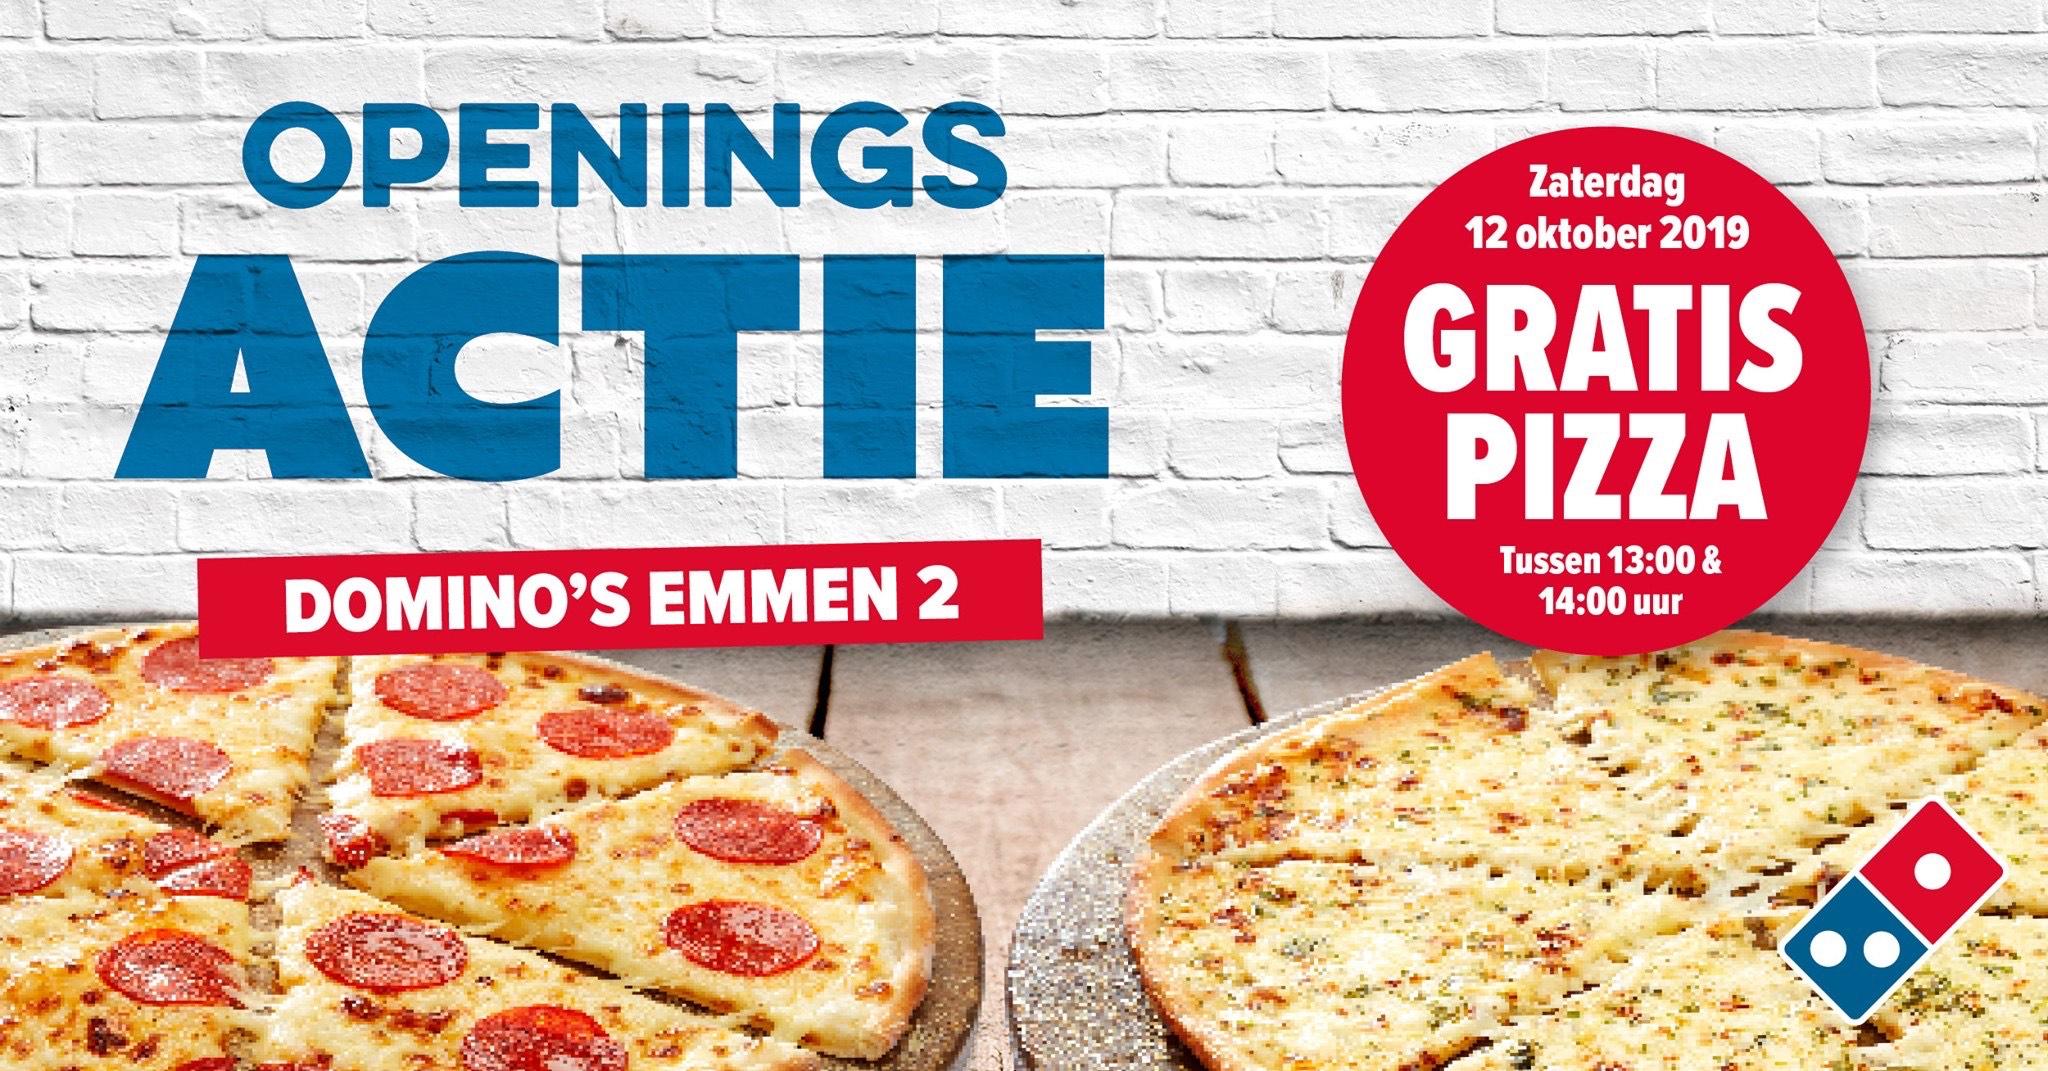 Gratis pizza tussen 13:00-14:00 in Emmen